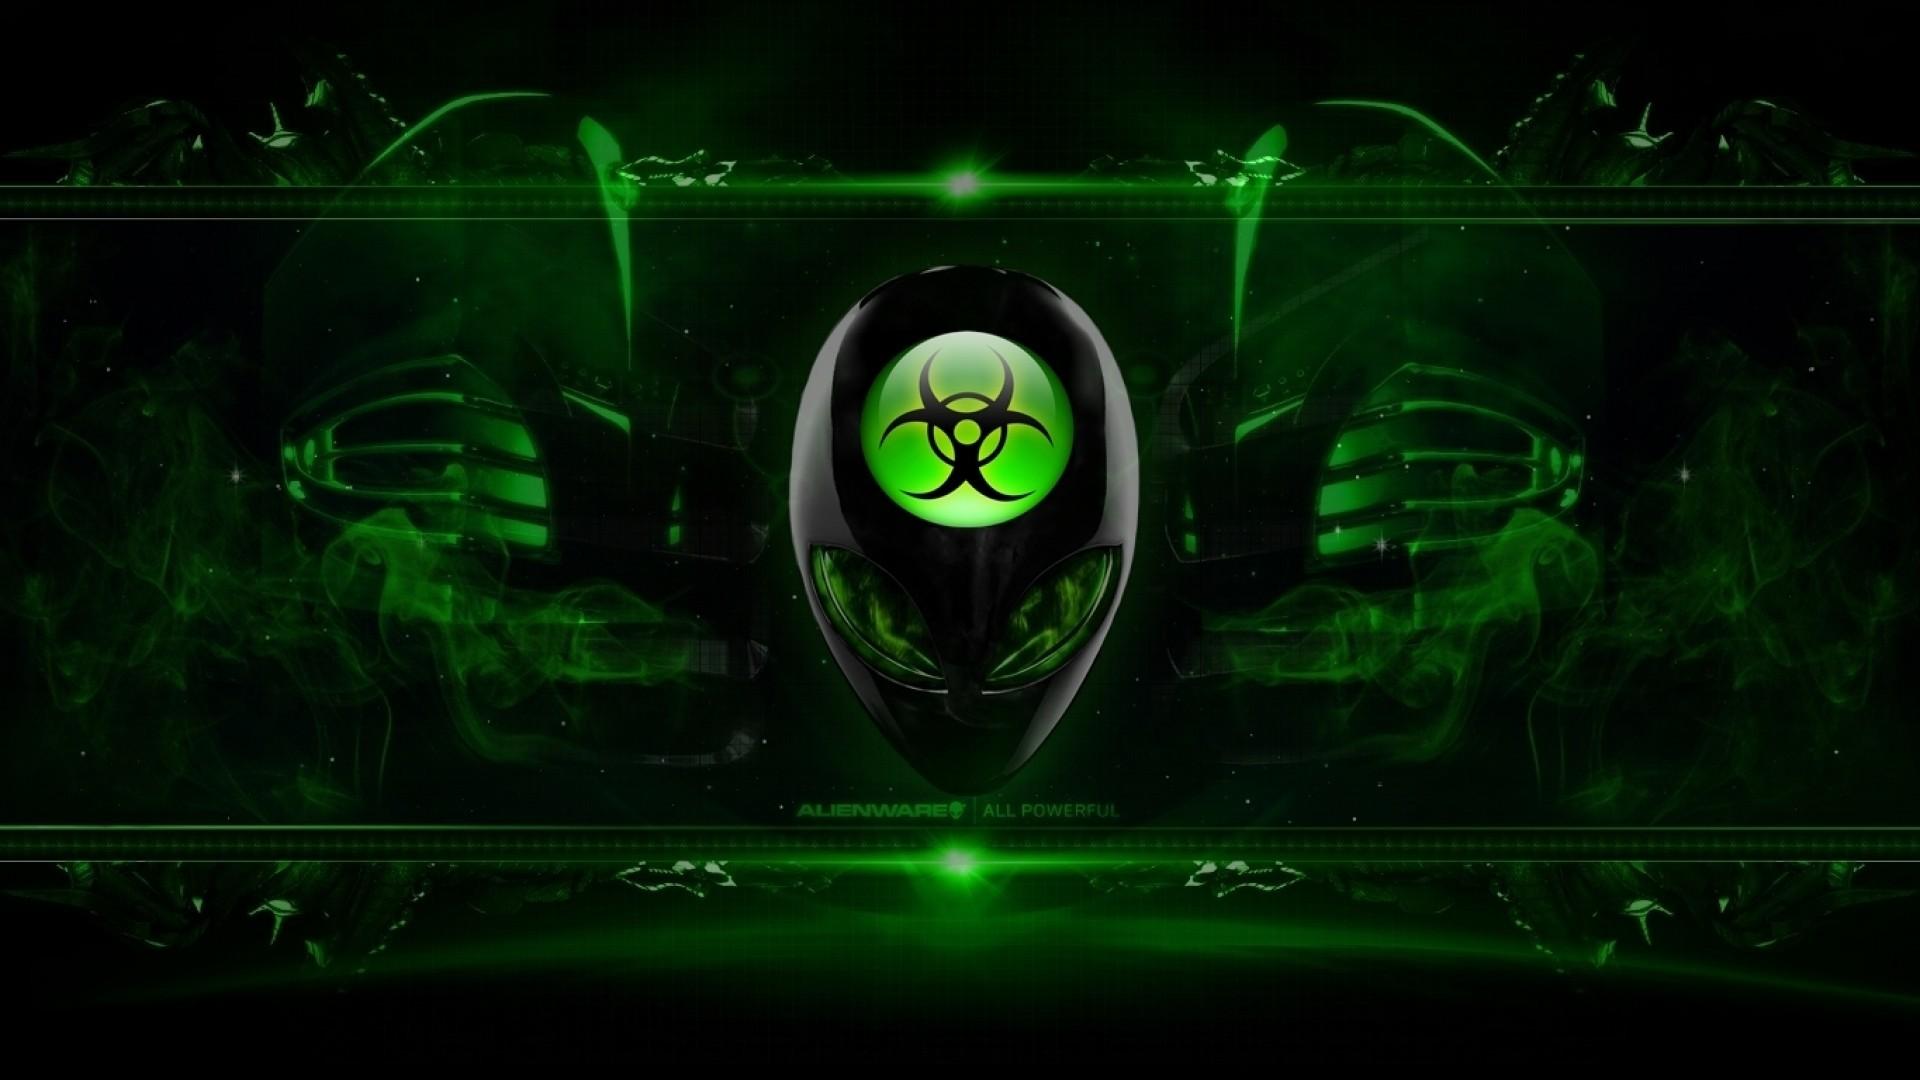 Alienware wallpaper green 1495490   Chainimage